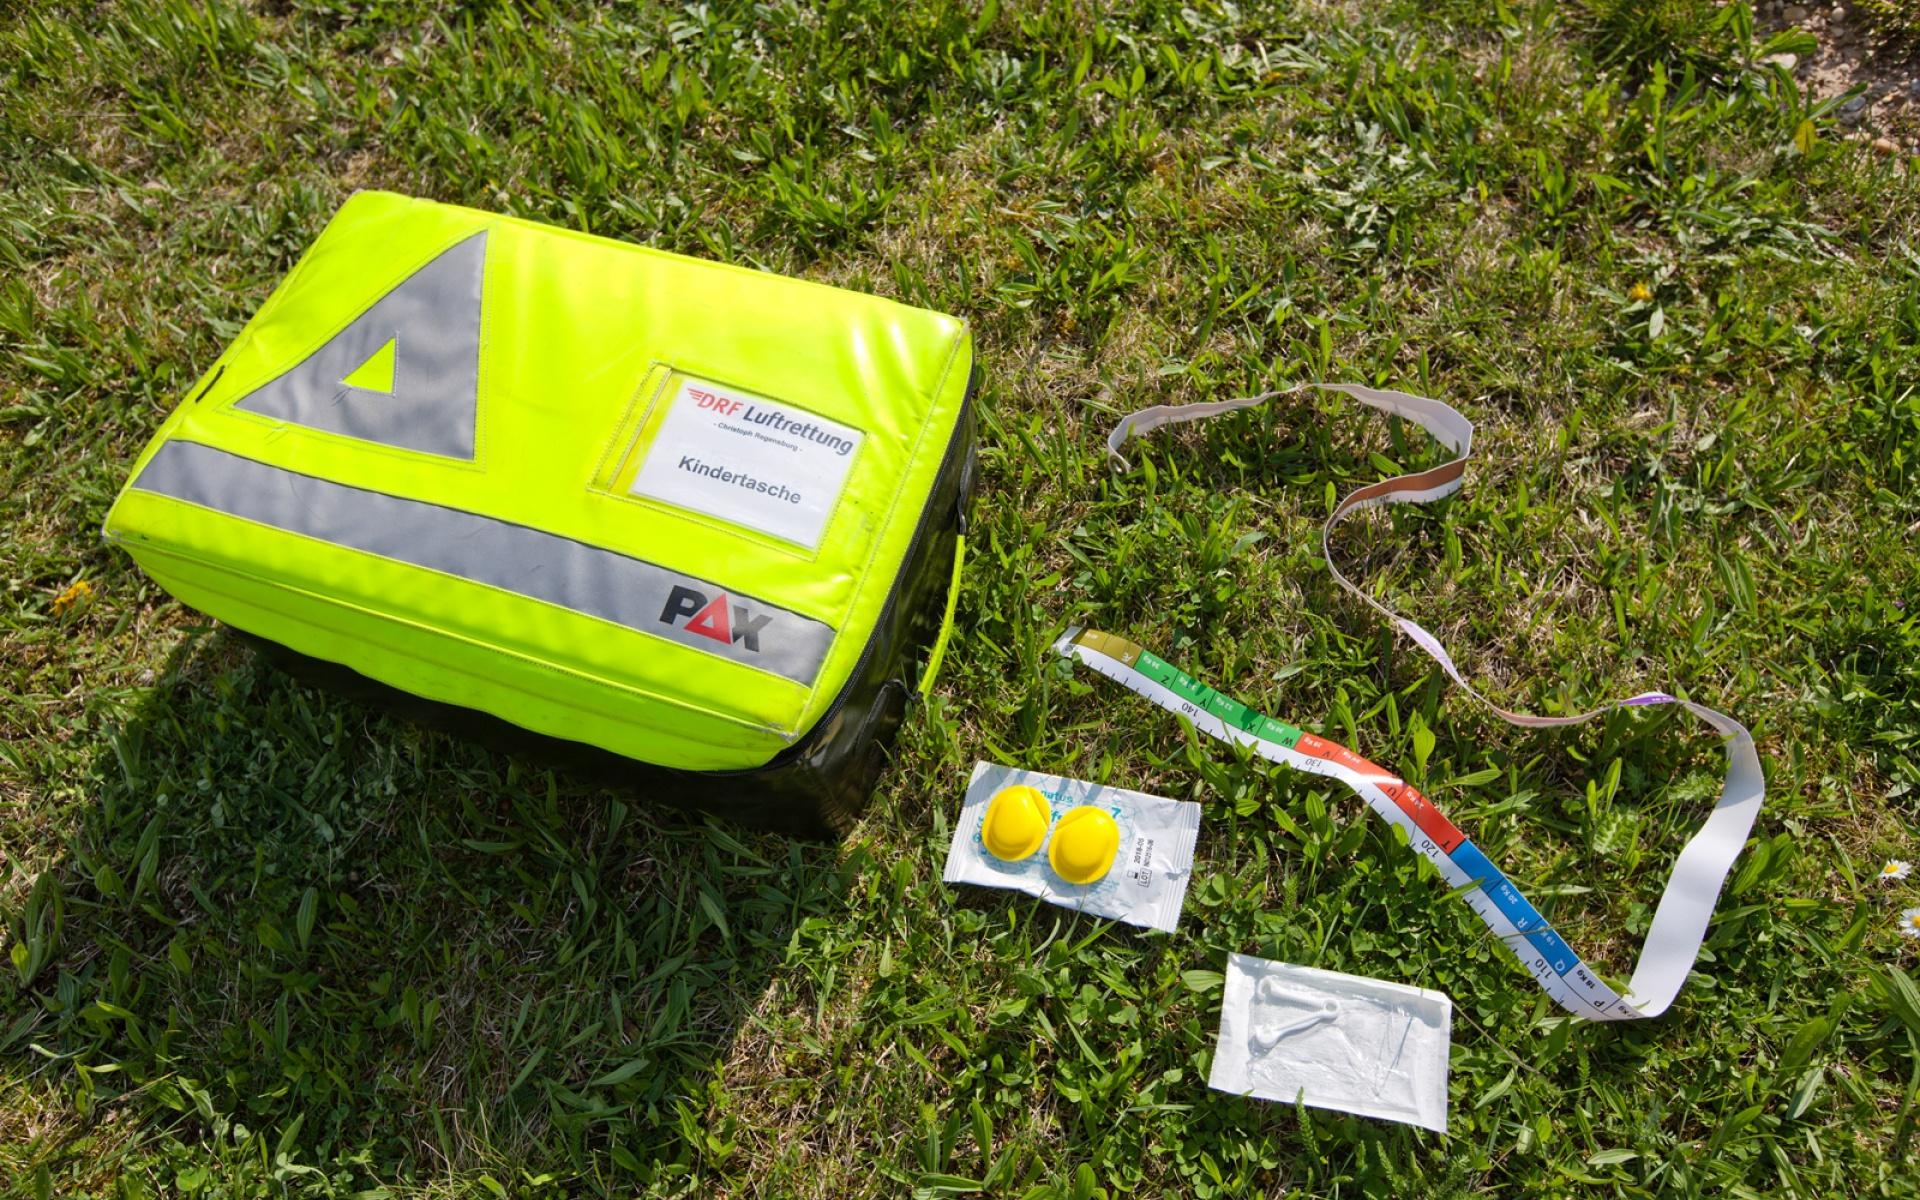 Die gelbe Kindertasche wurde eigens von der DRF Luftrettung entwickelt und umfasst rund 70 medizinische Gegenstände.